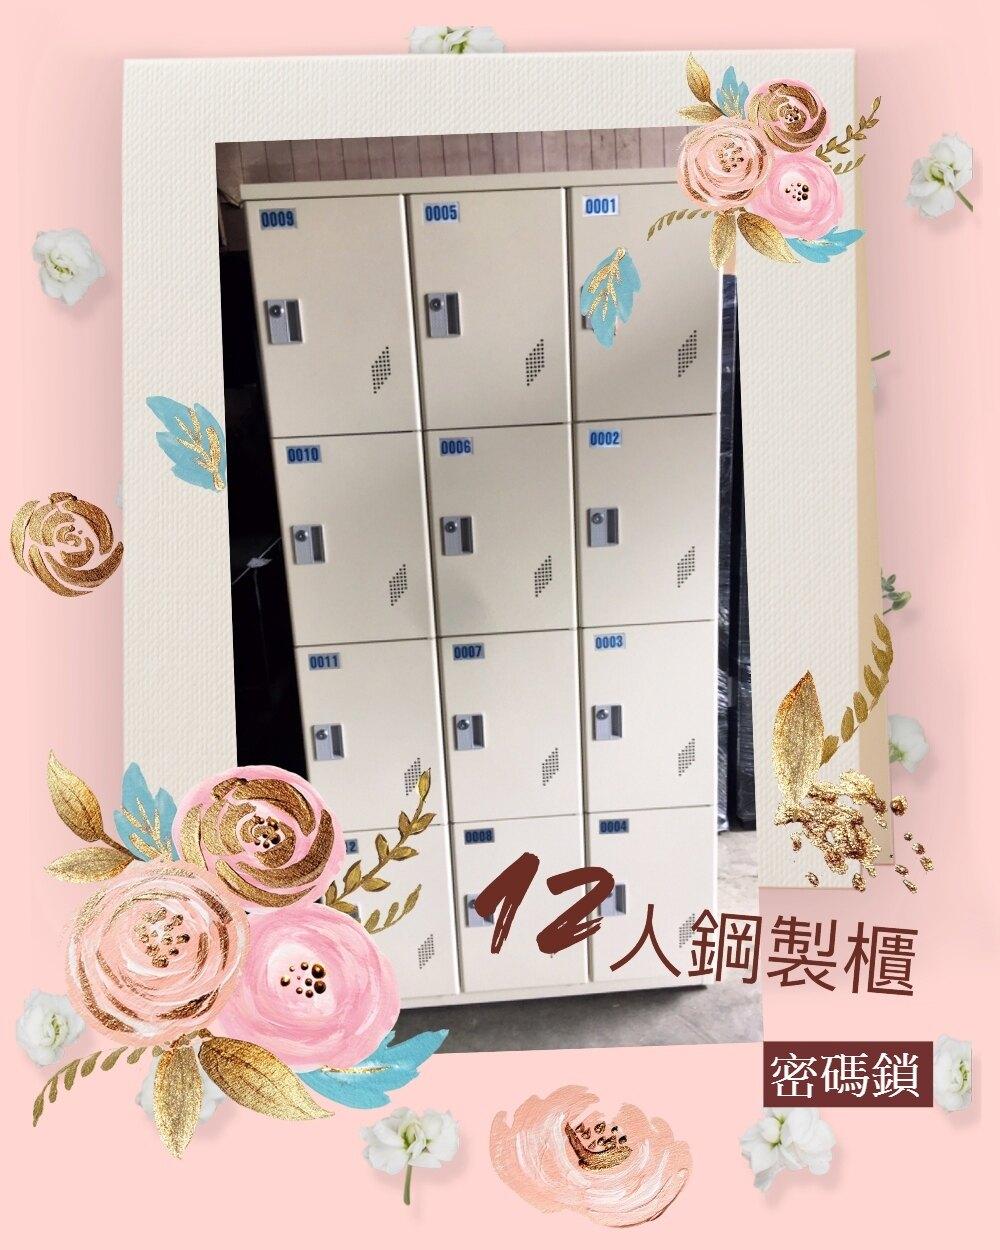 12人鋼製櫃 -密碼/置物櫃/收納櫃/員工置物櫃鎖